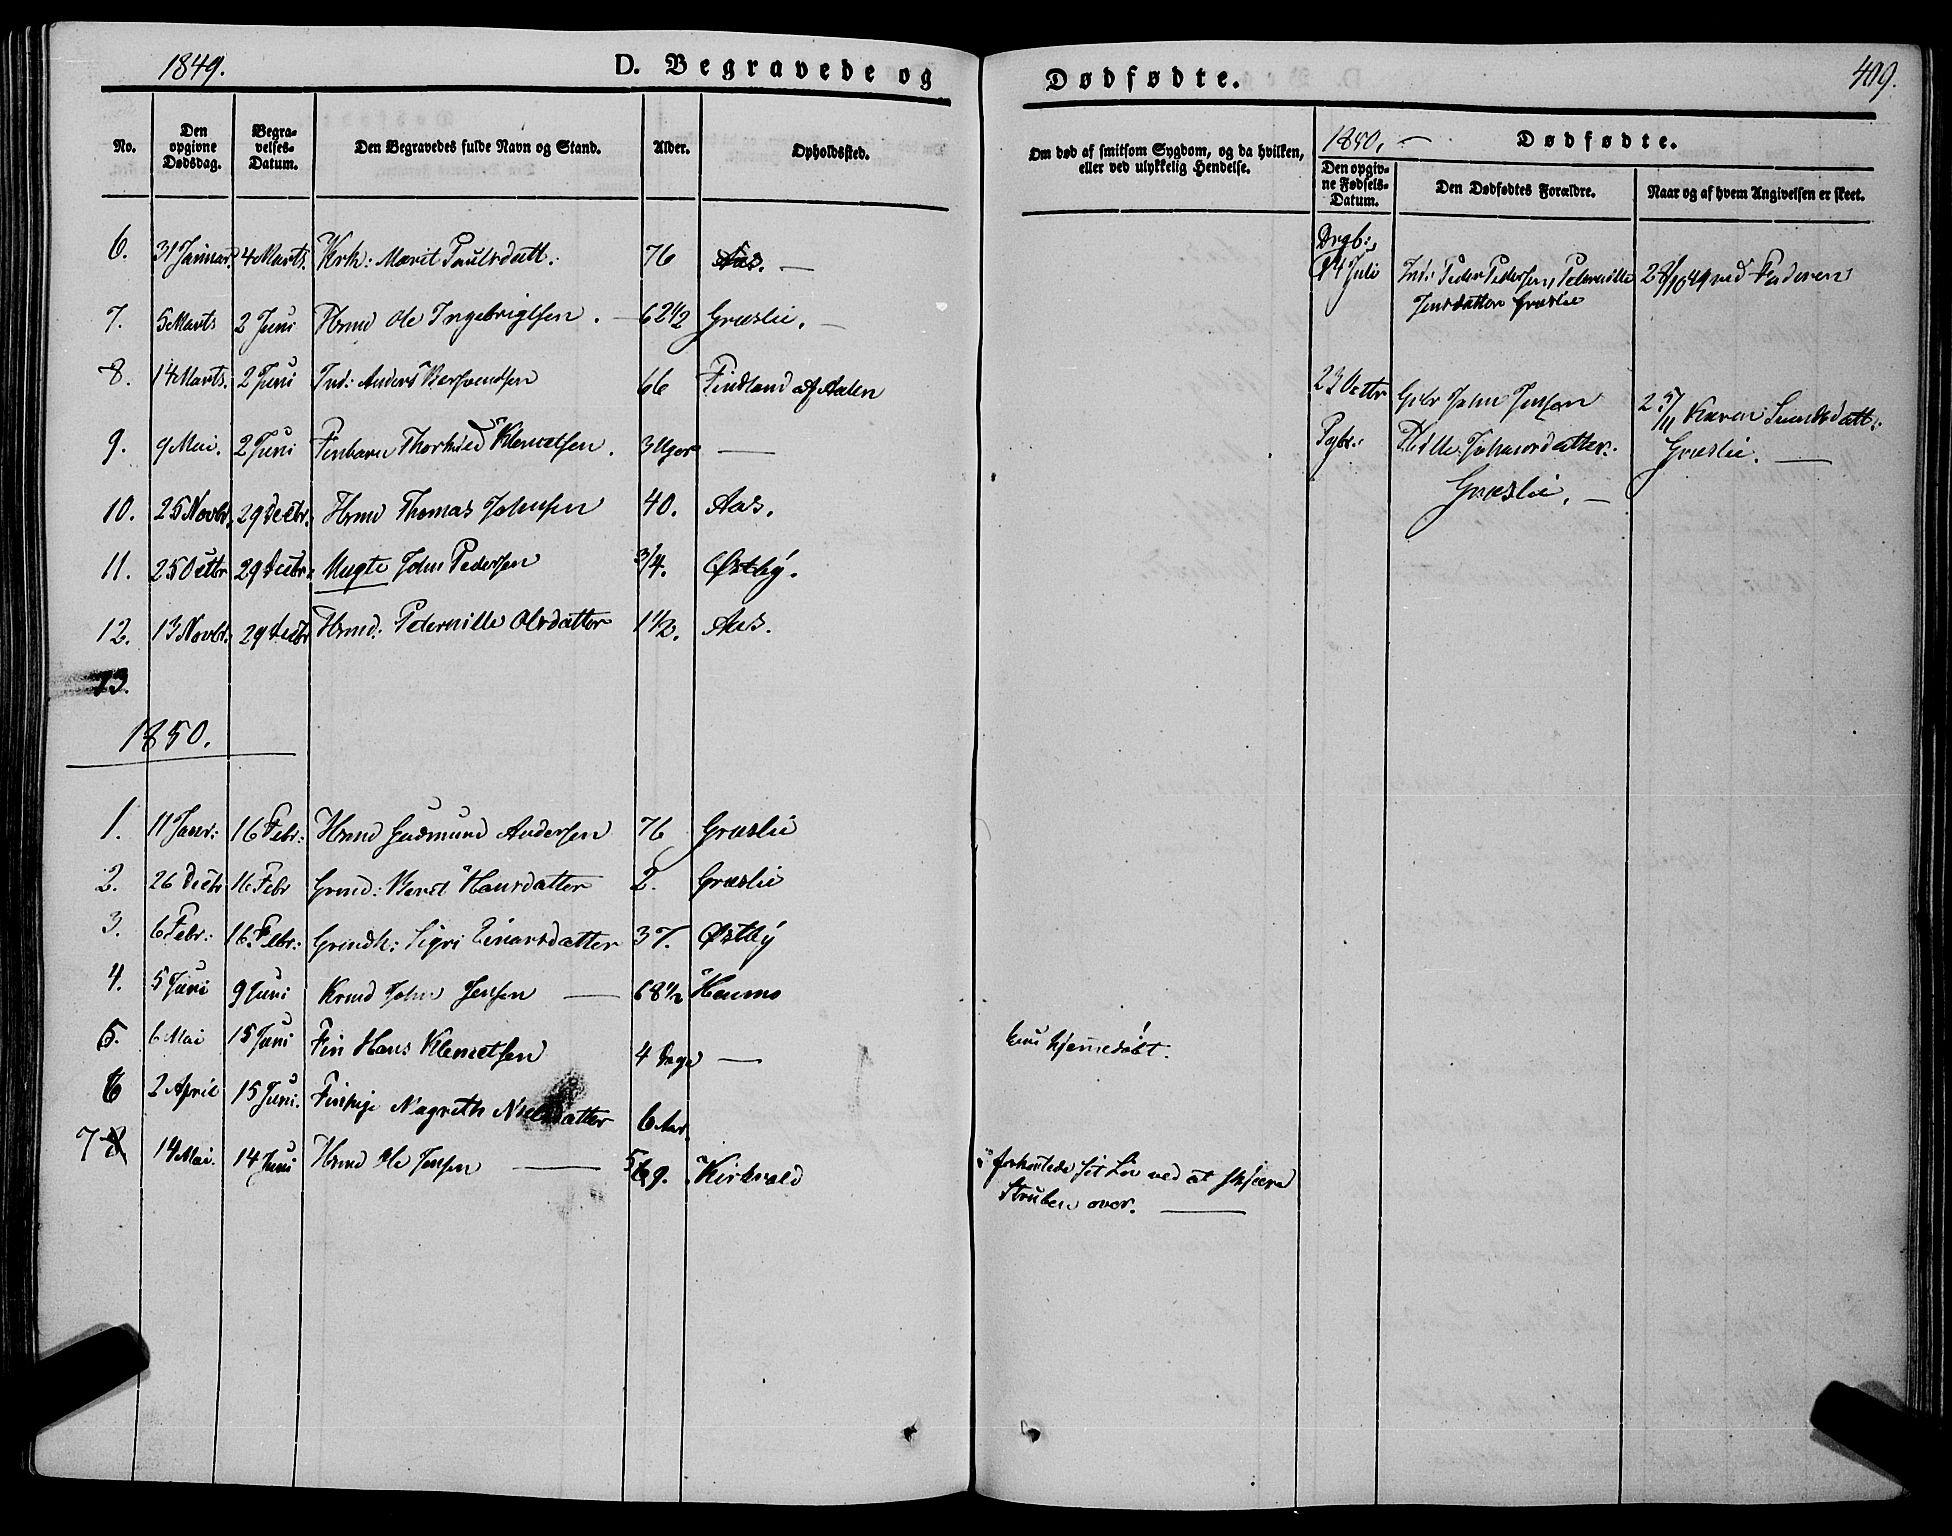 SAT, Ministerialprotokoller, klokkerbøker og fødselsregistre - Sør-Trøndelag, 695/L1146: Ministerialbok nr. 695A06 /2, 1843-1859, s. 409